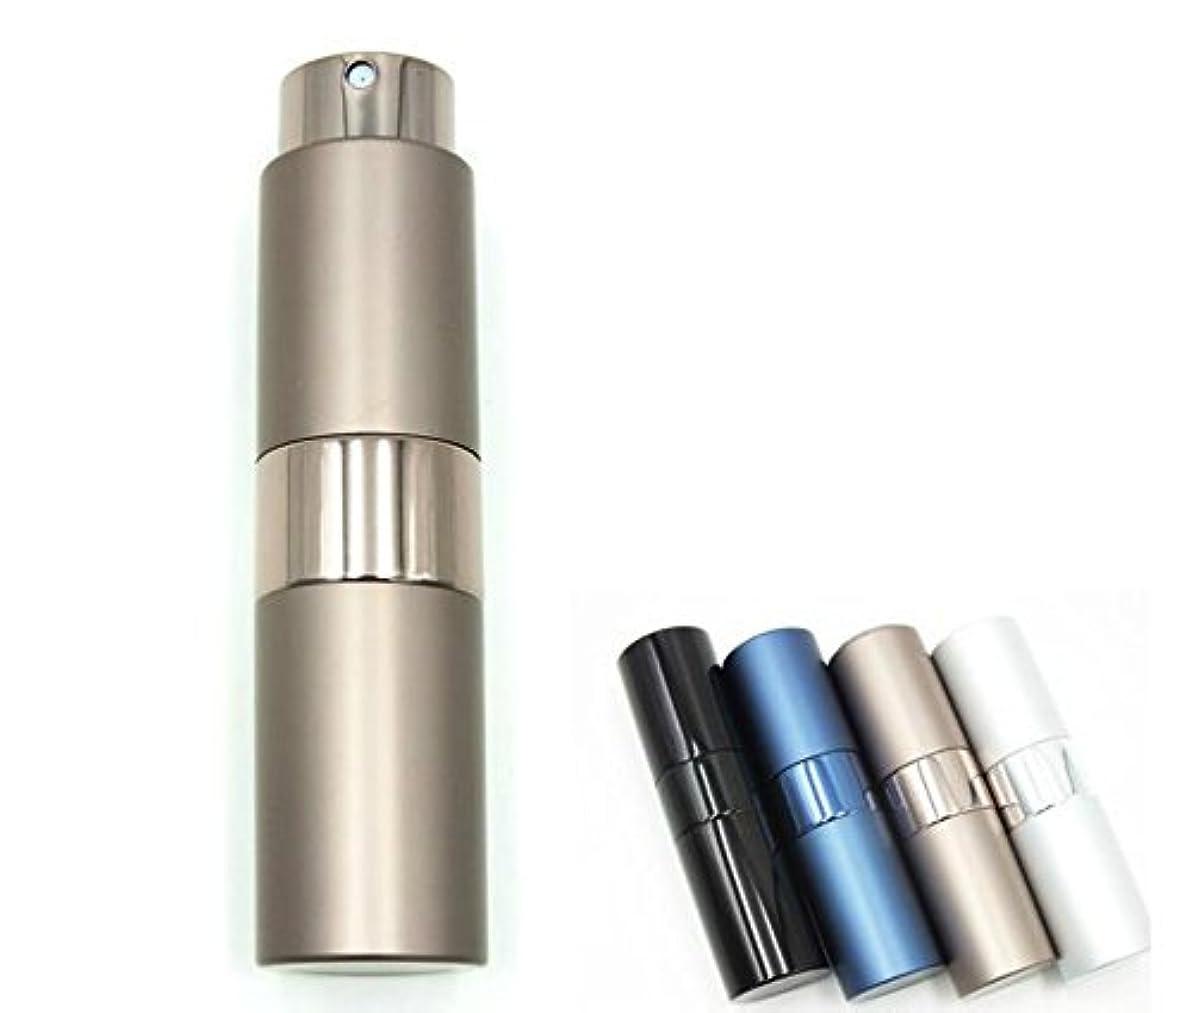 冬早熟にShopXJ 香水 メンズ アトマイザー 大人 男性 プッシュ式 詰め替え 持ち運び 身だしなみ 携帯用 15ml (ブラウン)